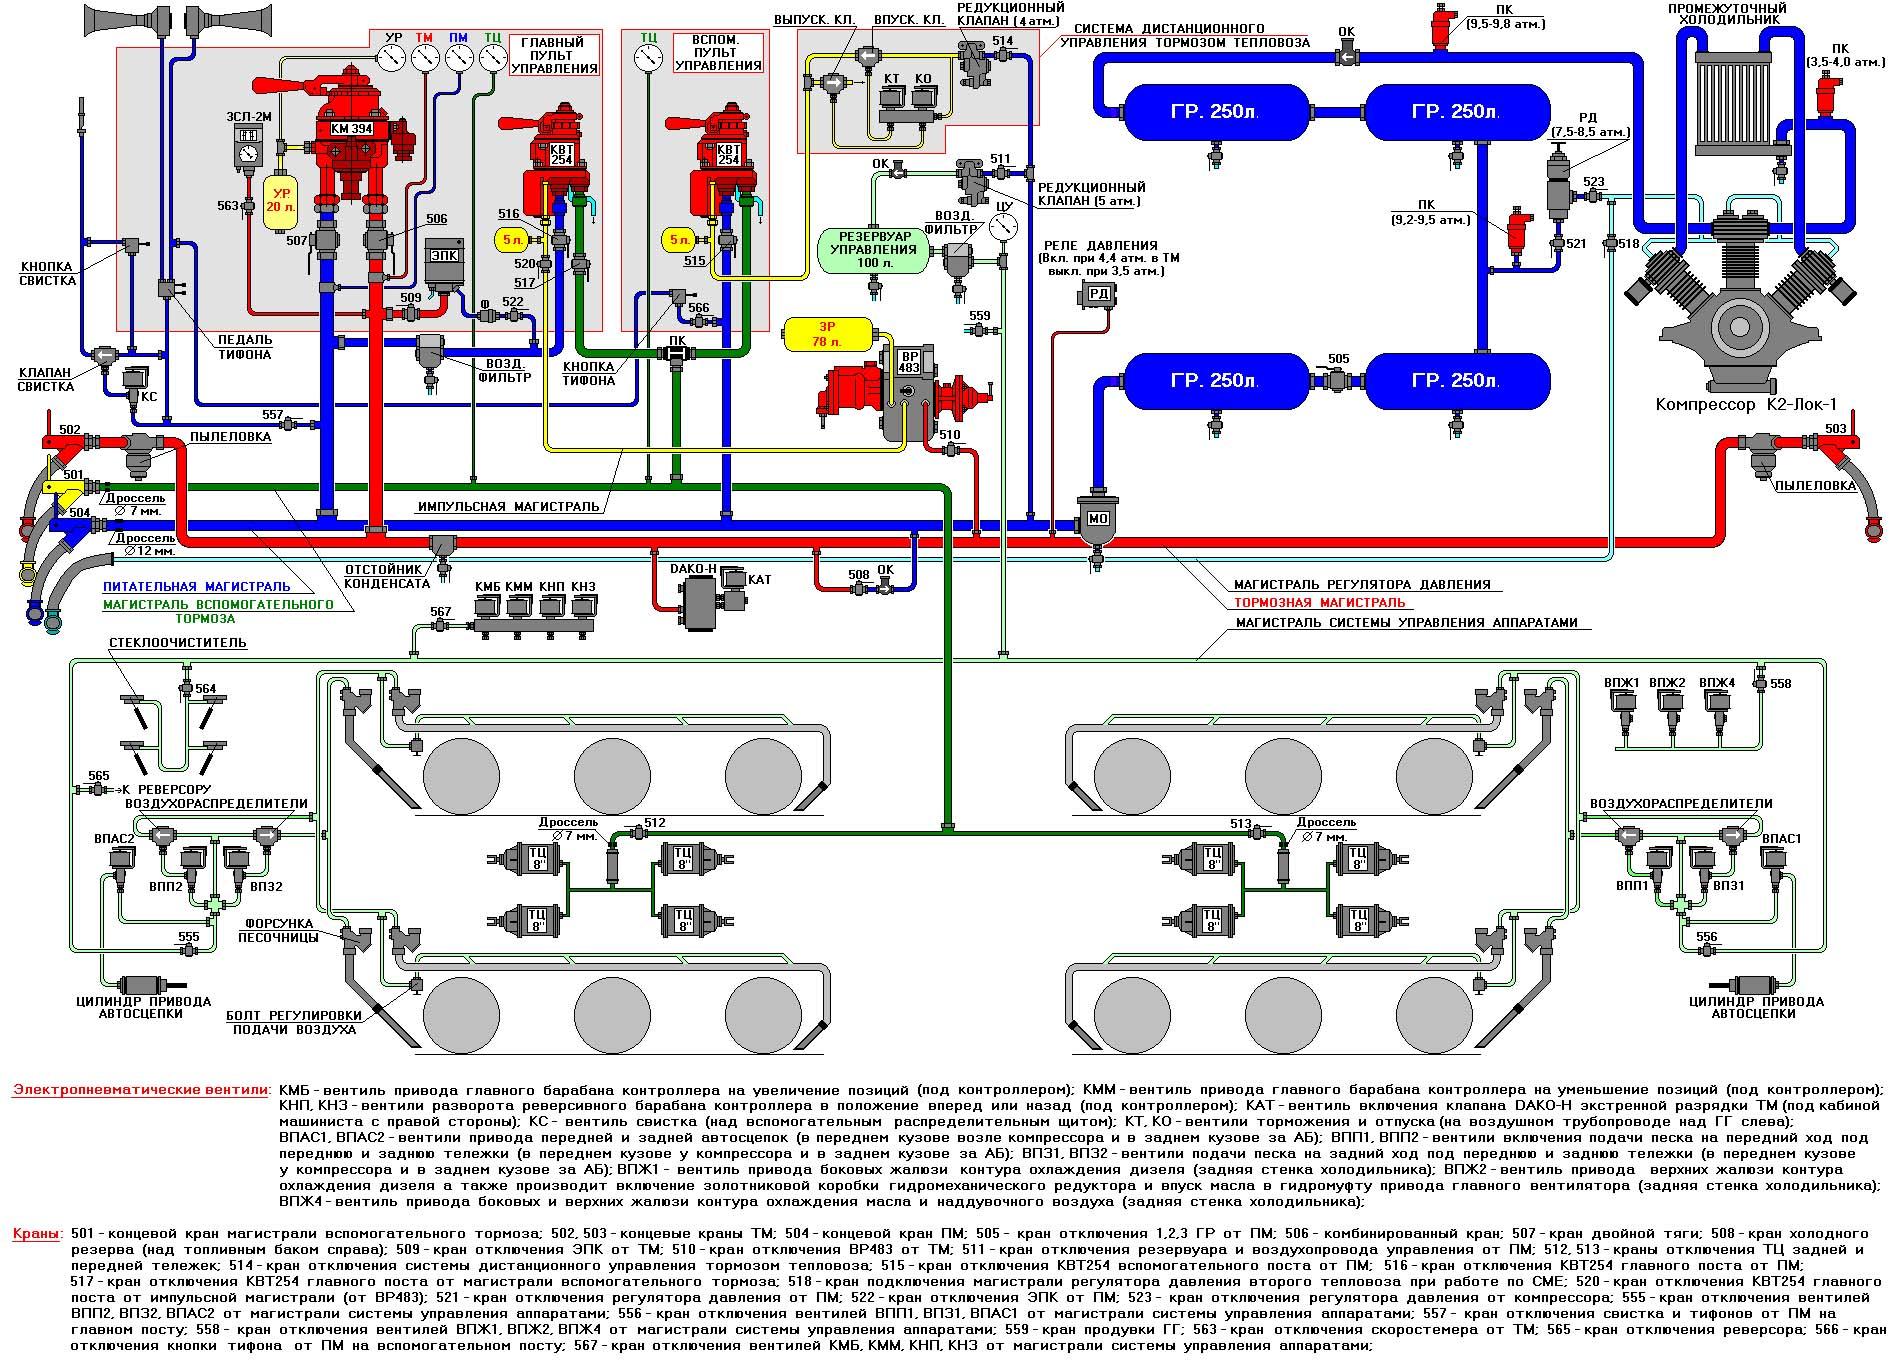 Схема и ремонт тепловоза